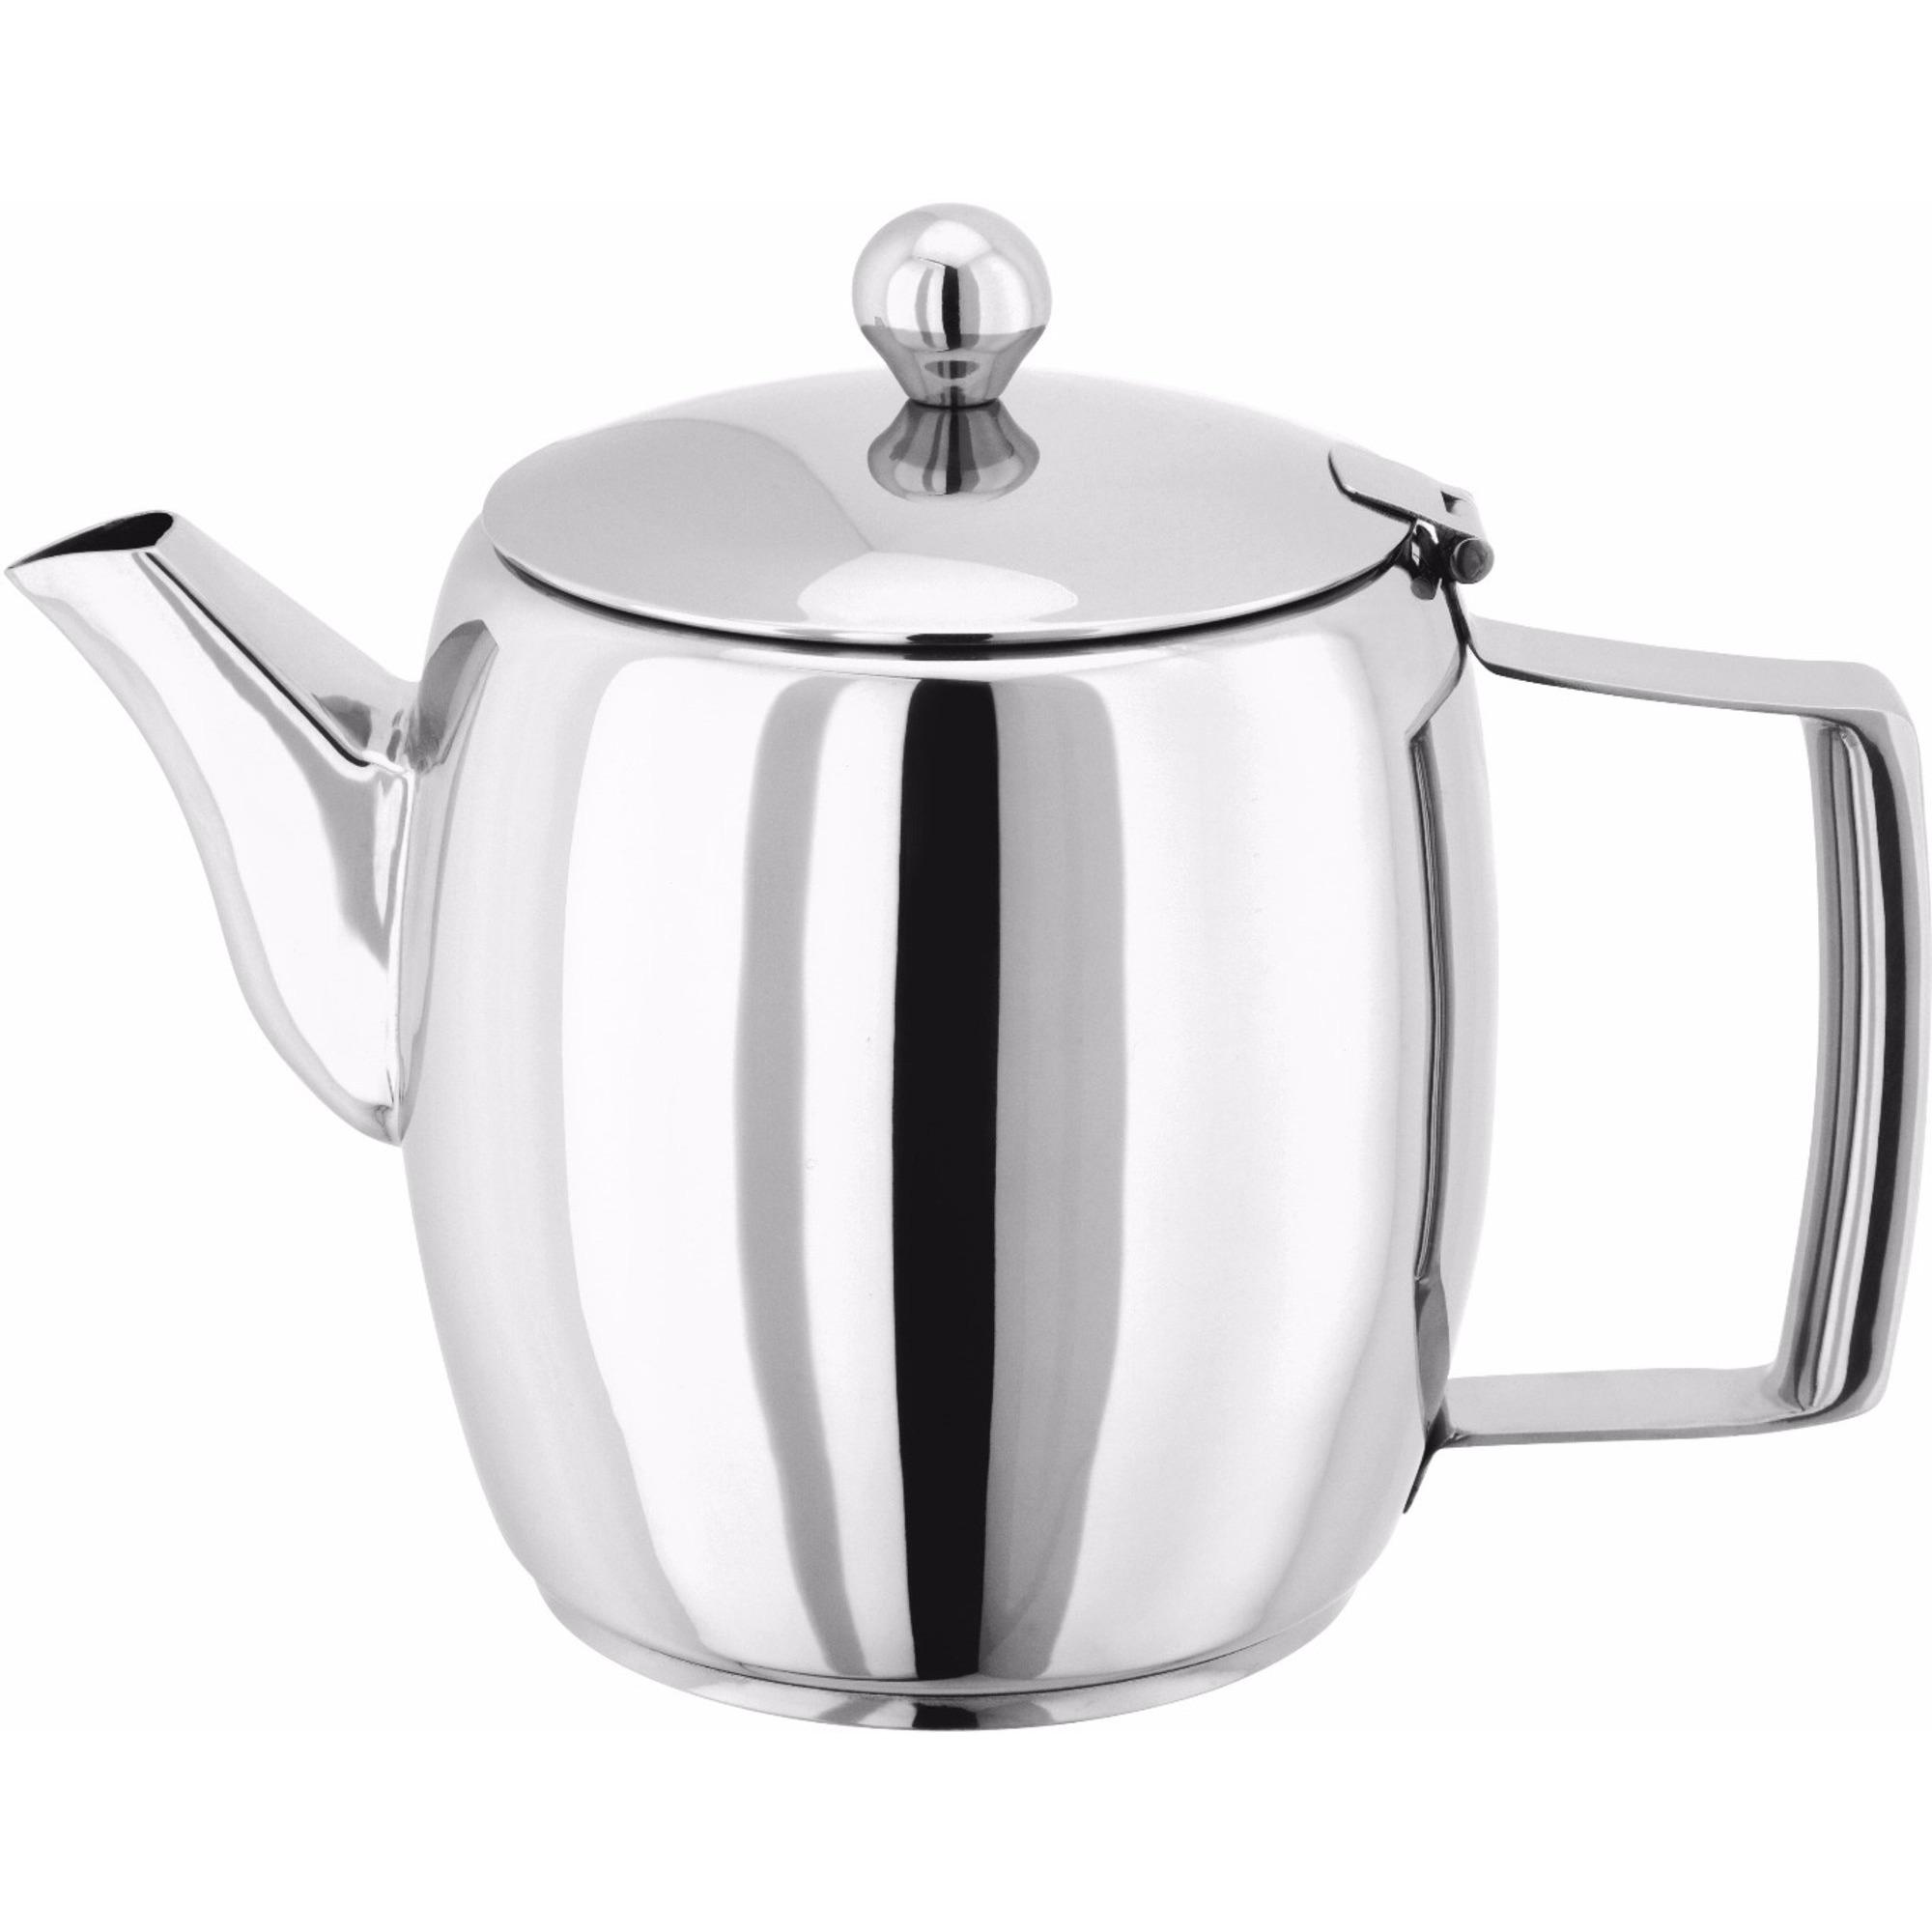 Horwood Teapot 13L 6 cup Hob Top